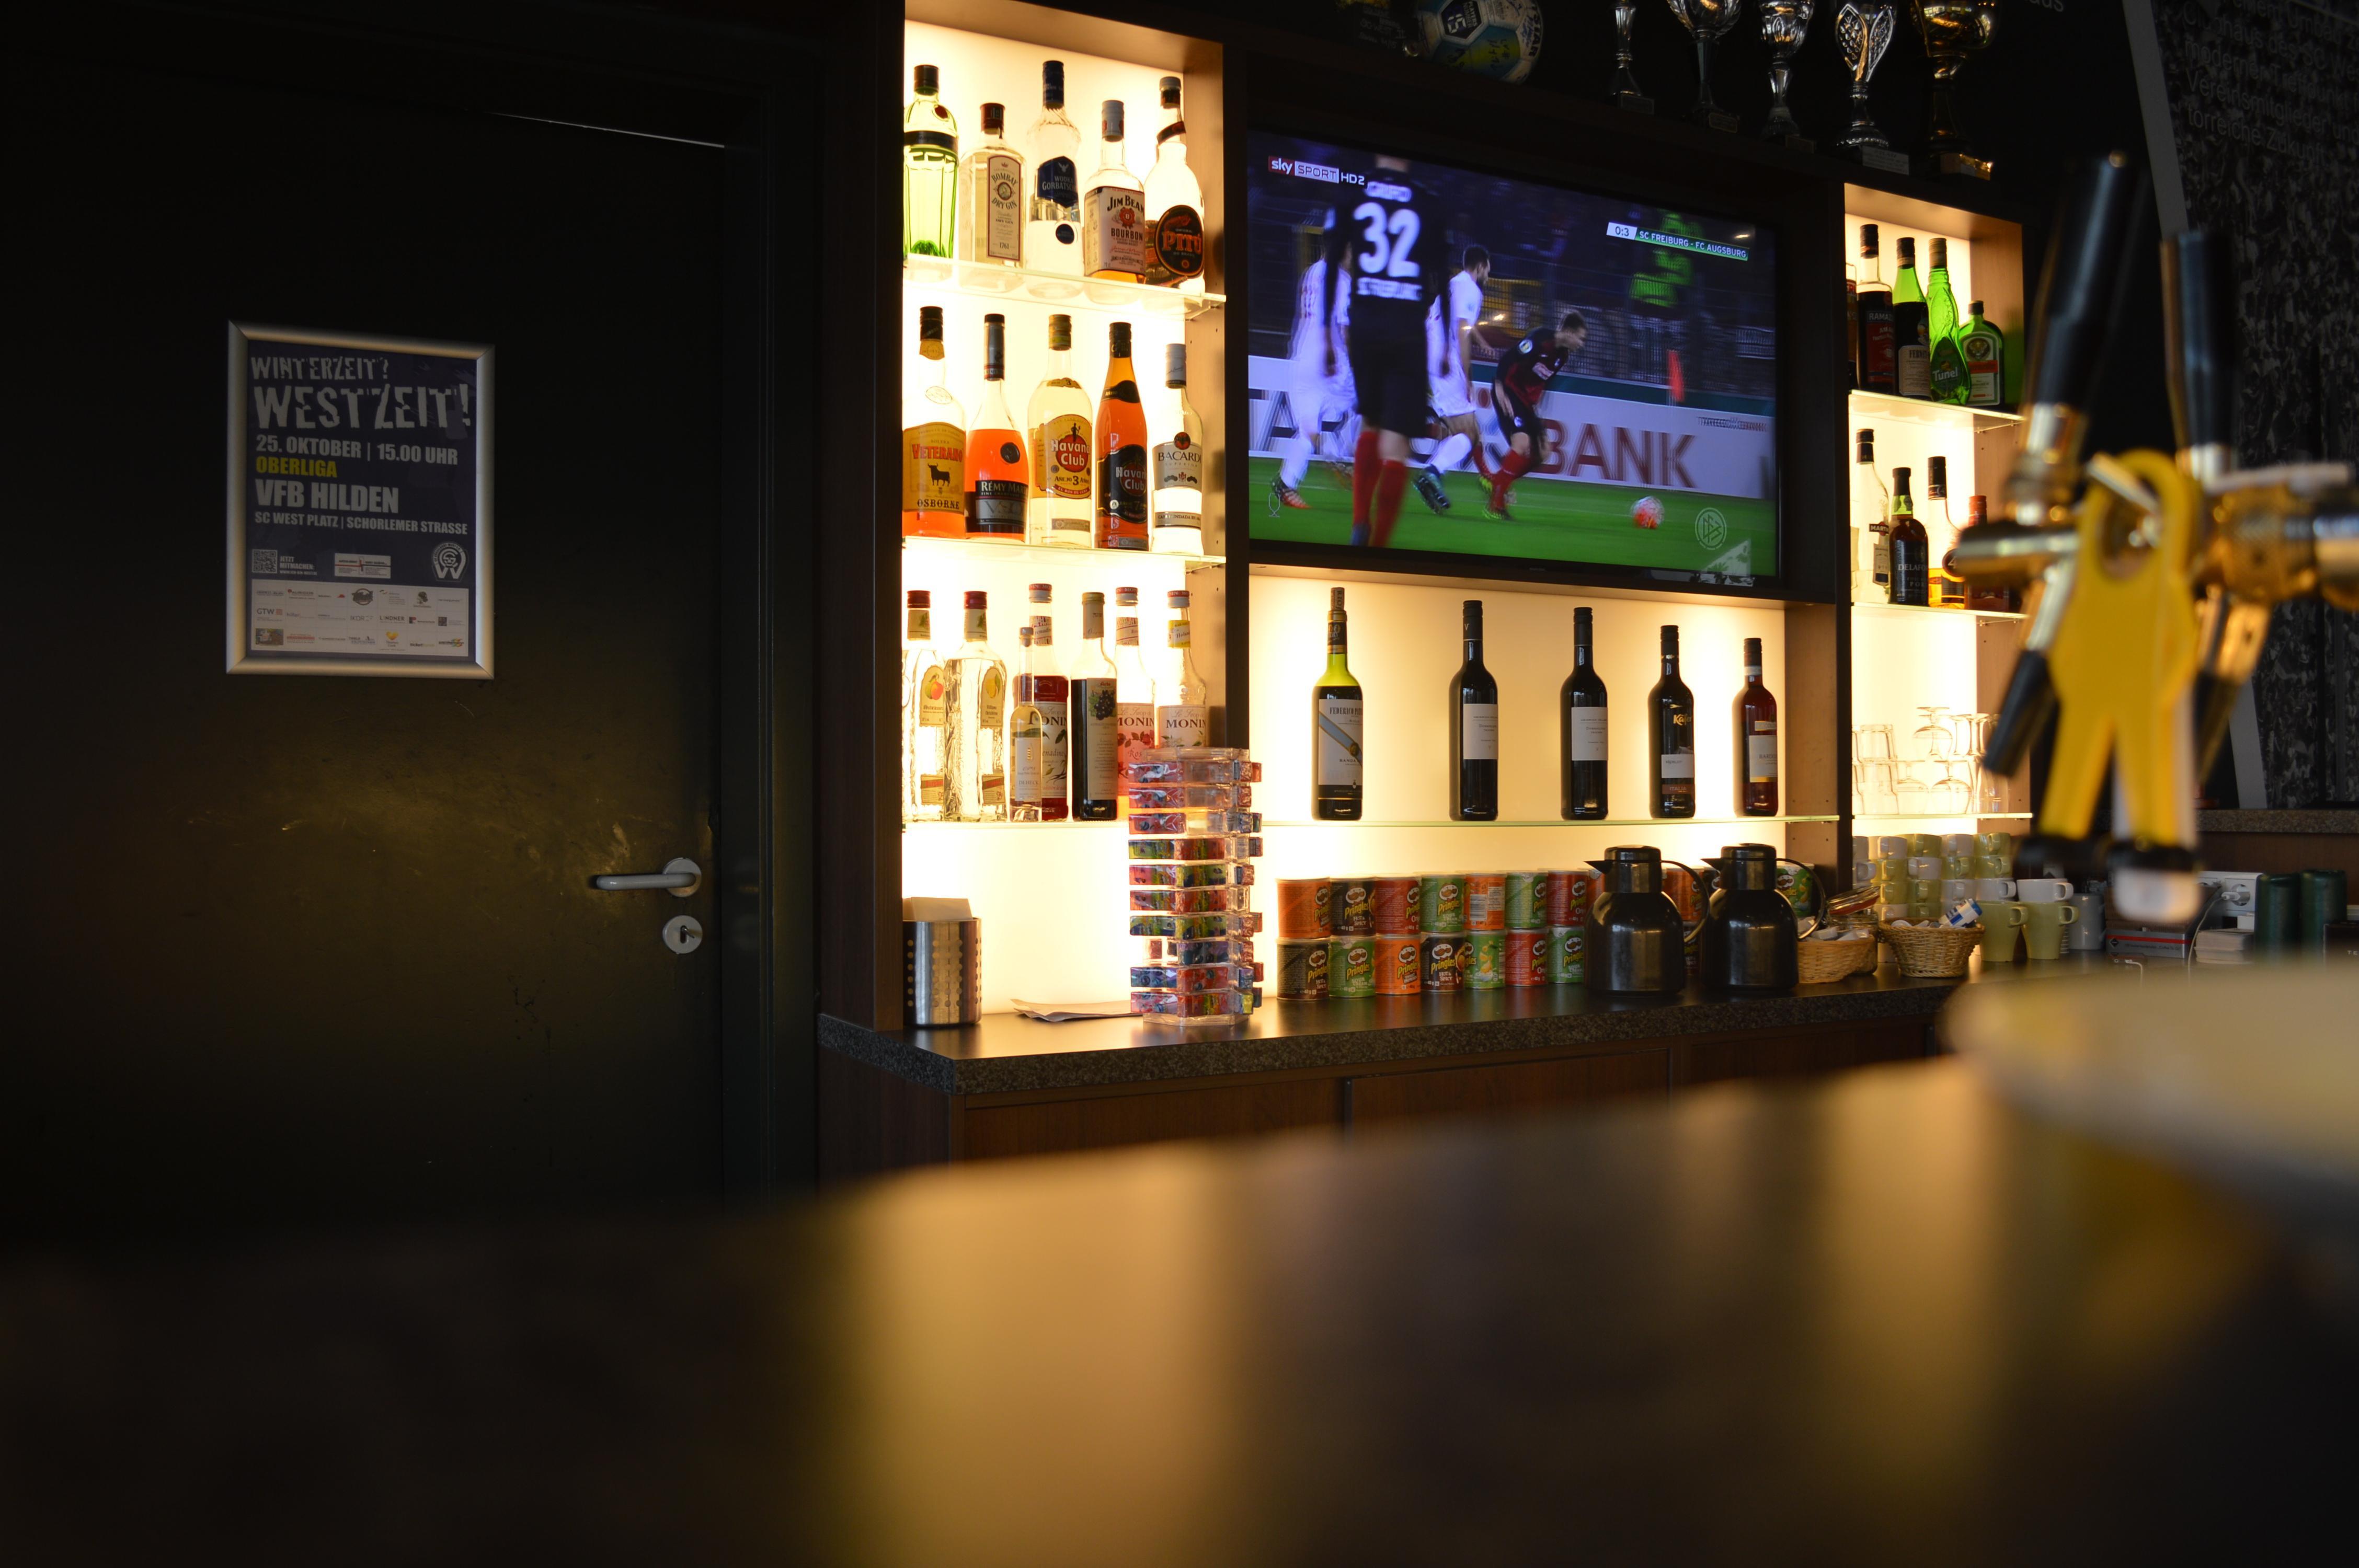 Düsseldorf BBQ/Grillen Restaurant Raum 1 image 0